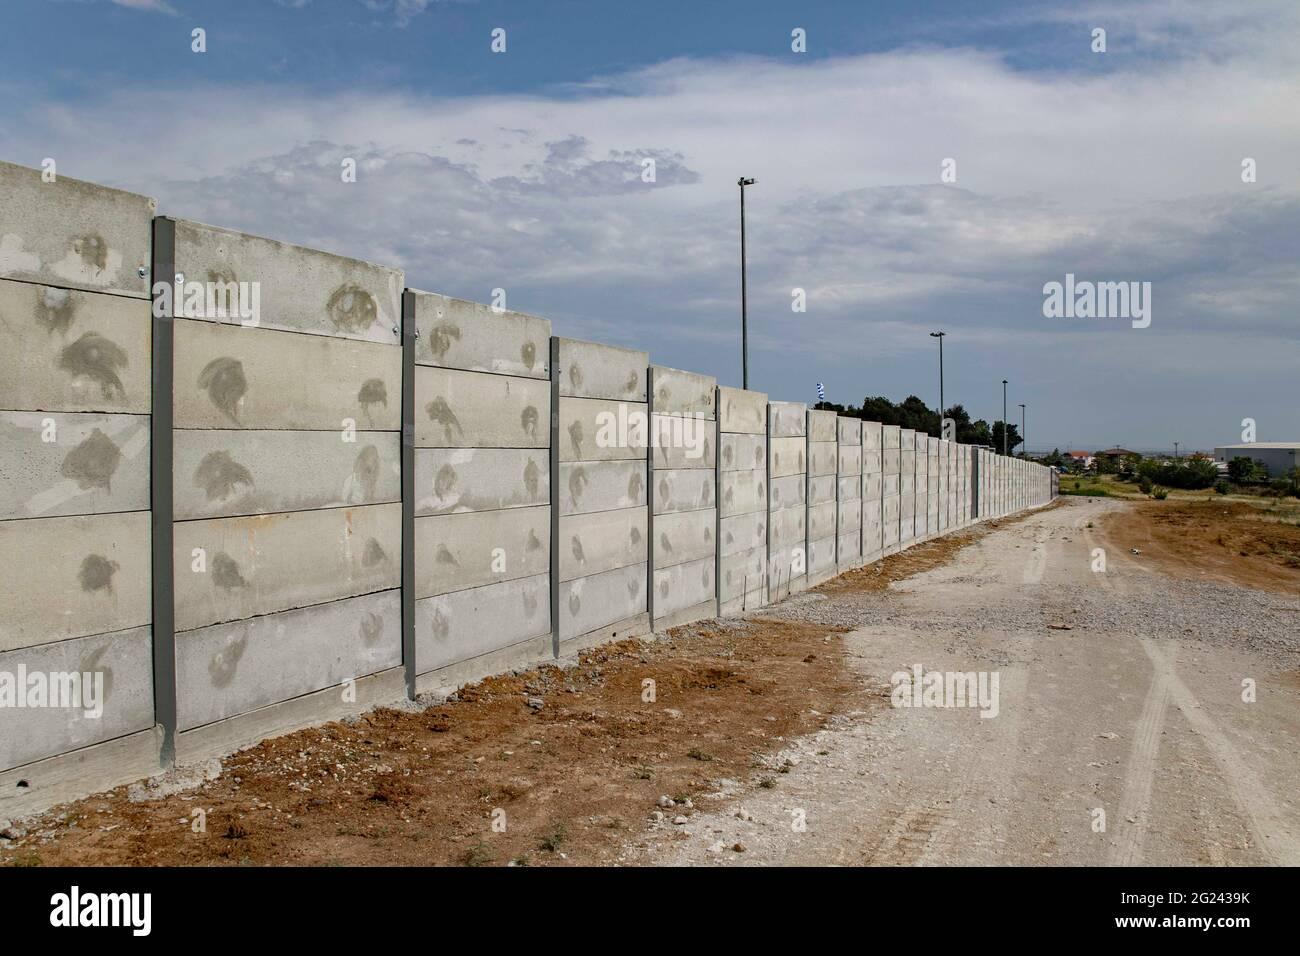 Tesalónica, Grecia. 07th de junio de 2021. Vista de una pared gris de 3 metros construida alrededor del campamento de refugiados de Diavata cerca de Tesalónica. Se están construyendo muros de hormigón altos alrededor de los campos de refugiados en el continente griego y las islas griegas, un movimiento que Grecia afirma que es para fines de seguridad. (Foto de Nik Oiko/SOPA Images/Sipa USA) Crédito: SIPA USA/Alamy Live News Foto de stock